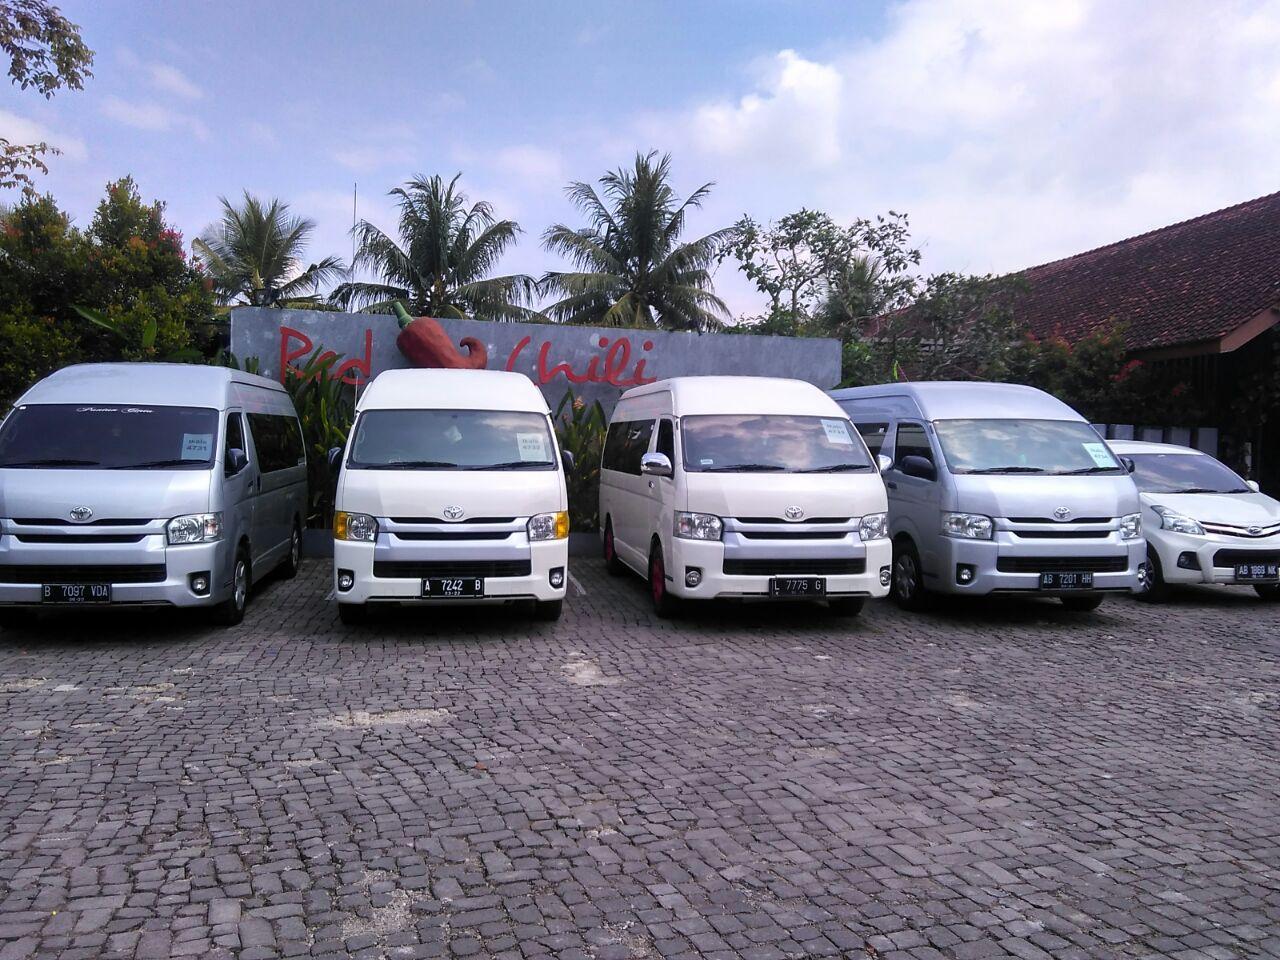 Sewa Mobil Murah di Jogja - Ready Berbagai Tipe Mobil di toko CV Menara Jogja Tour dan Transport daerah Yogyakarta, DI Yogyakarta - Sewa menyewa jadi lebih mudah di Spotsewa